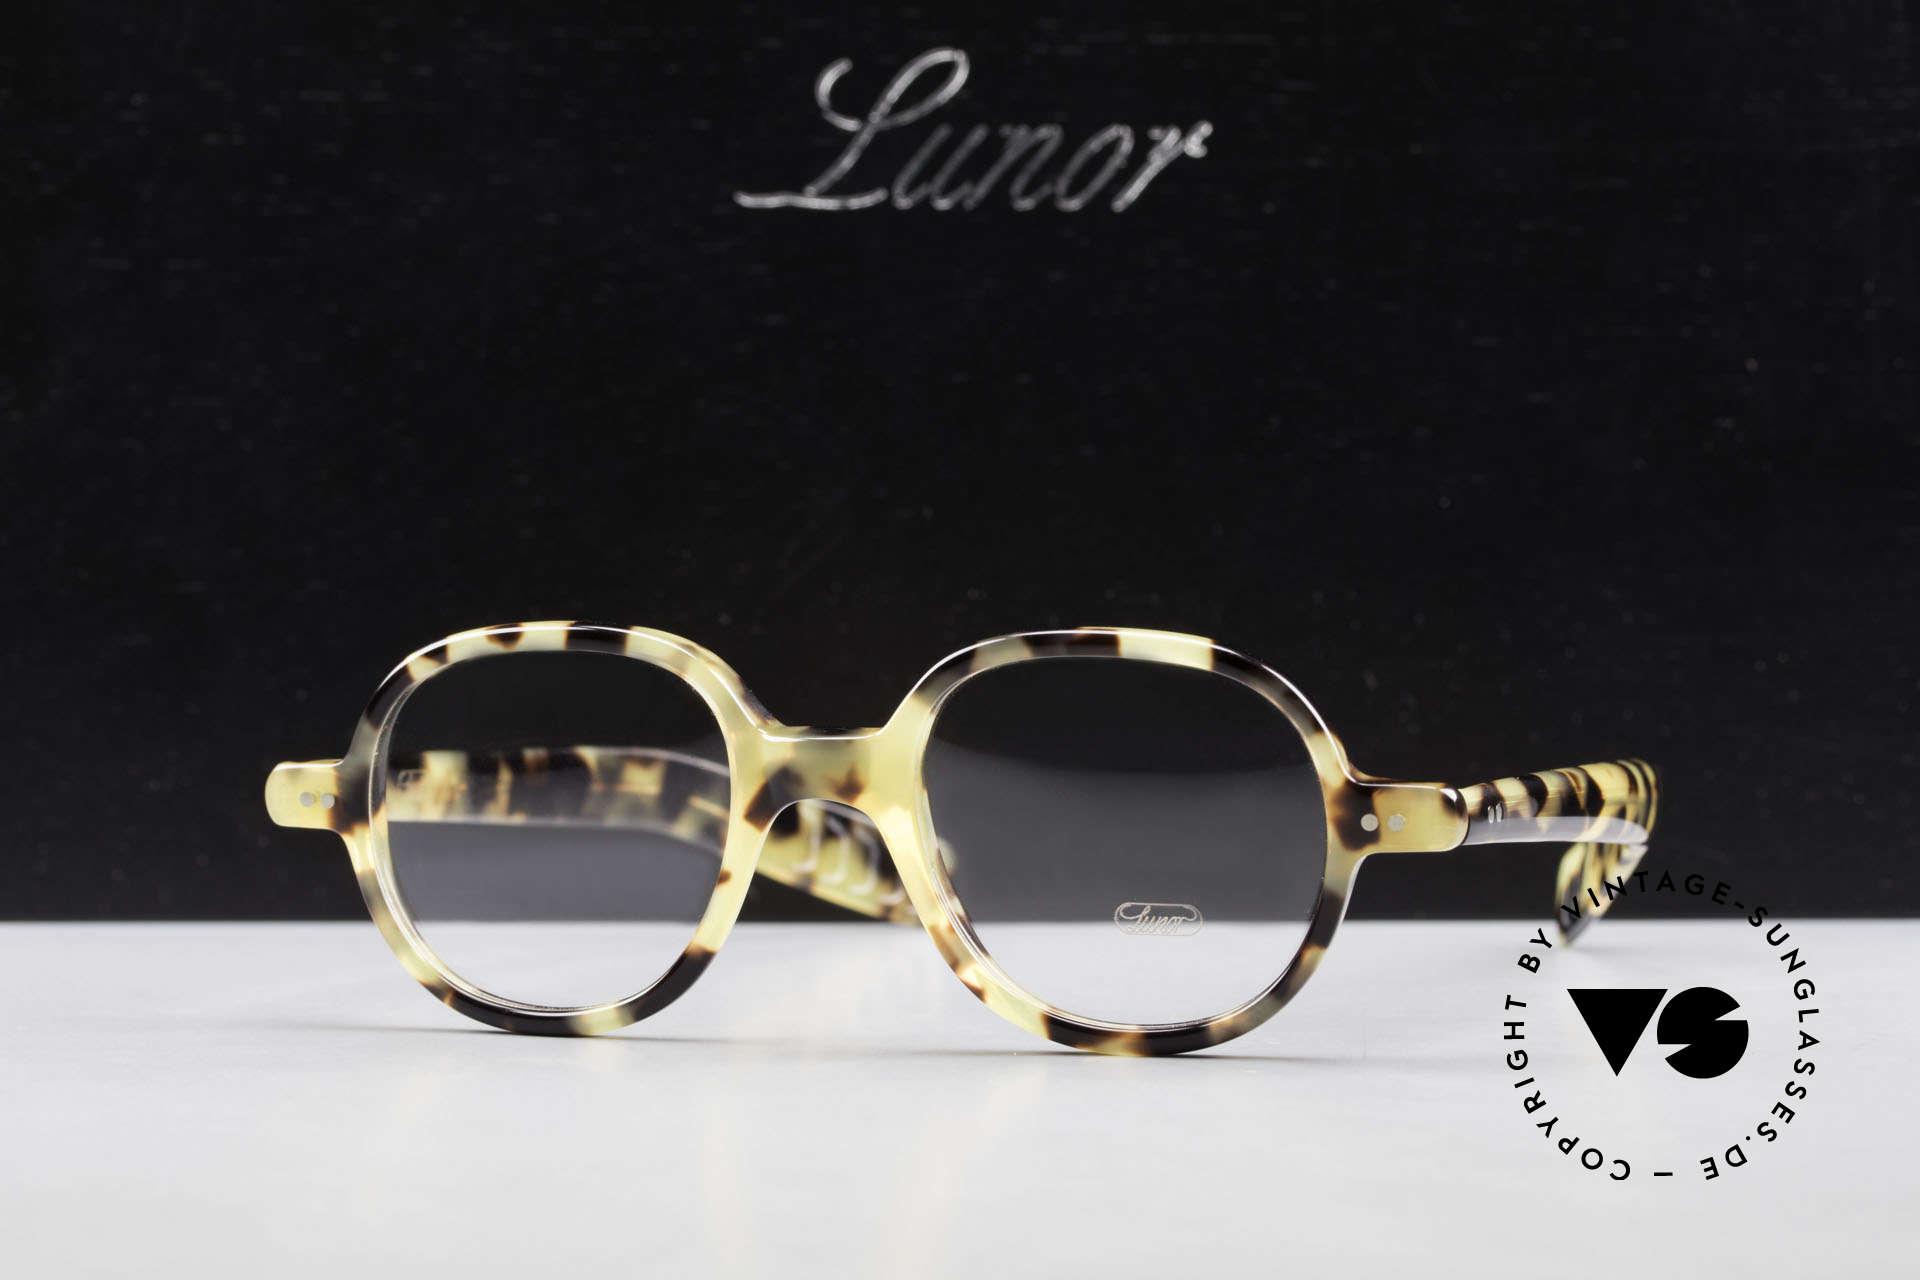 Lunor A50 Runde Lunor Pantobrille Acetat, Größe: medium, Passend für Herren und Damen